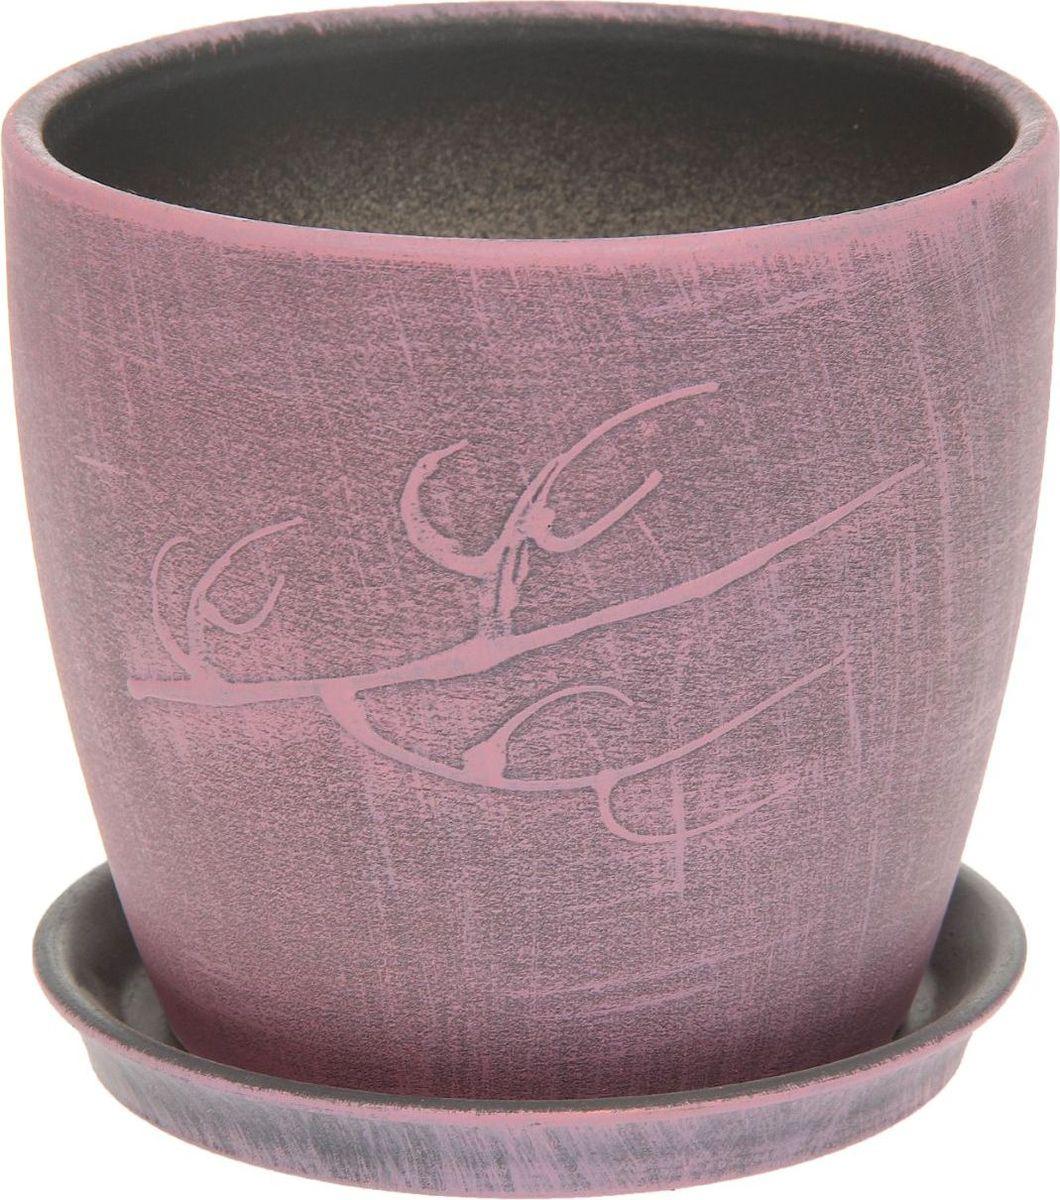 Кашпо Керамика ручной работы Осень. Патина, цвет: розовый, 1 л1131671Комнатные растения — всеобщие любимцы. Они радуют глаз, насыщают помещение кислородом и украшают пространство. Каждому из них необходим свой удобный и красивый дом. Кашпо из керамики прекрасно подходят для высадки растений: за счёт пластичности глины и разных способов обработки существует великое множество форм и дизайновпористый материал позволяет испаряться лишней влагевоздух, необходимый для дыхания корней, проникает сквозь керамические стенки! #name# позаботится о зелёном питомце, освежит интерьер и подчеркнёт его стиль.